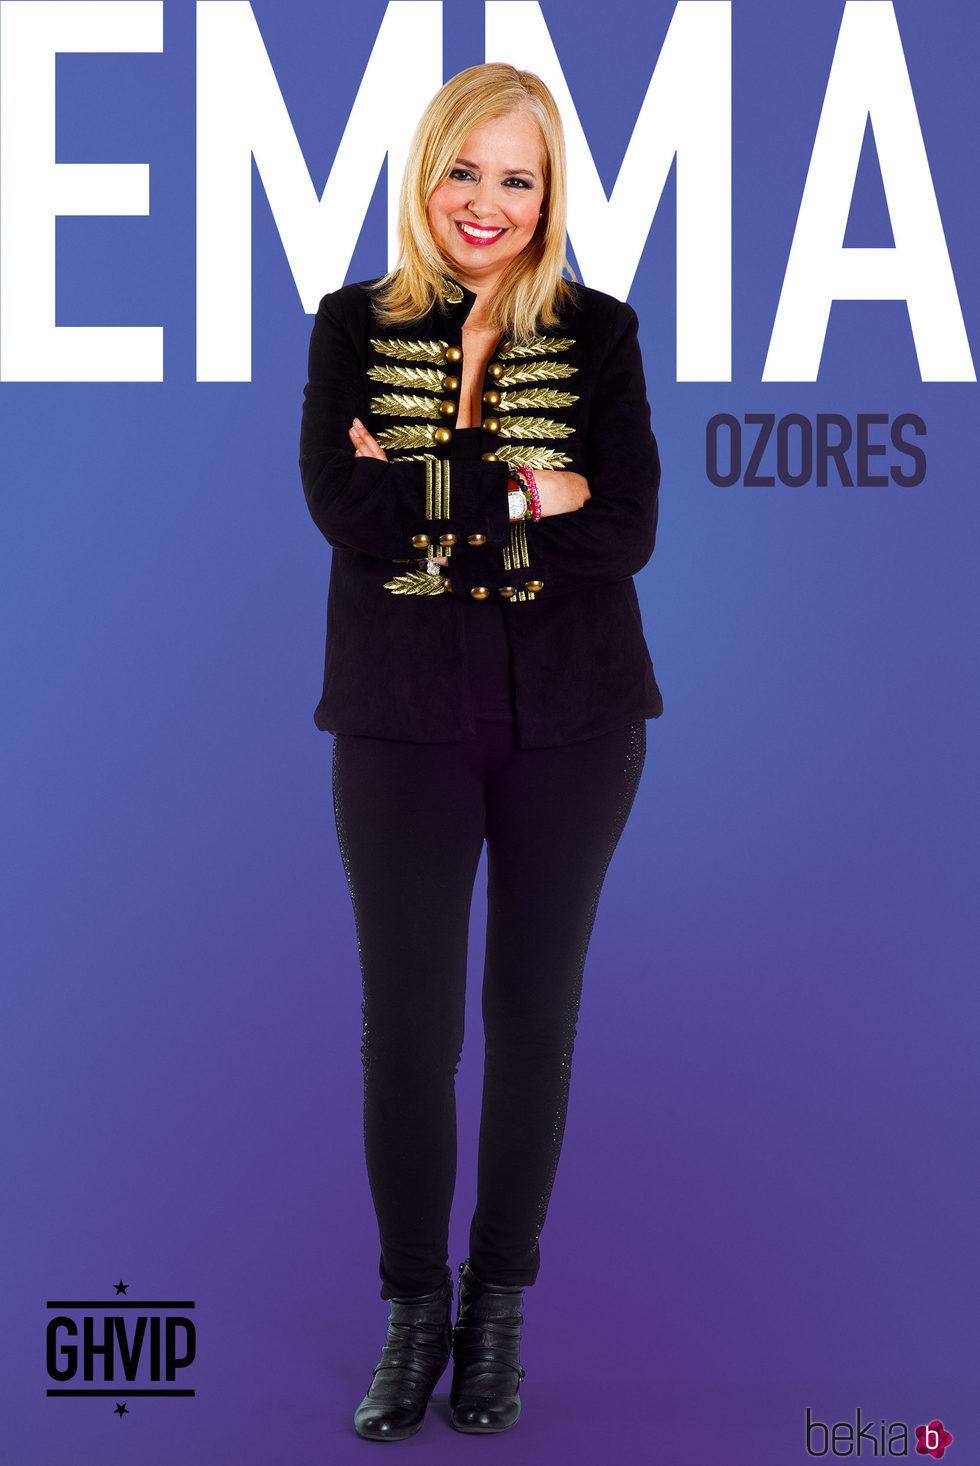 Emma Ozores en la fotografía oficial de 'Gran Hermano VIP 5'